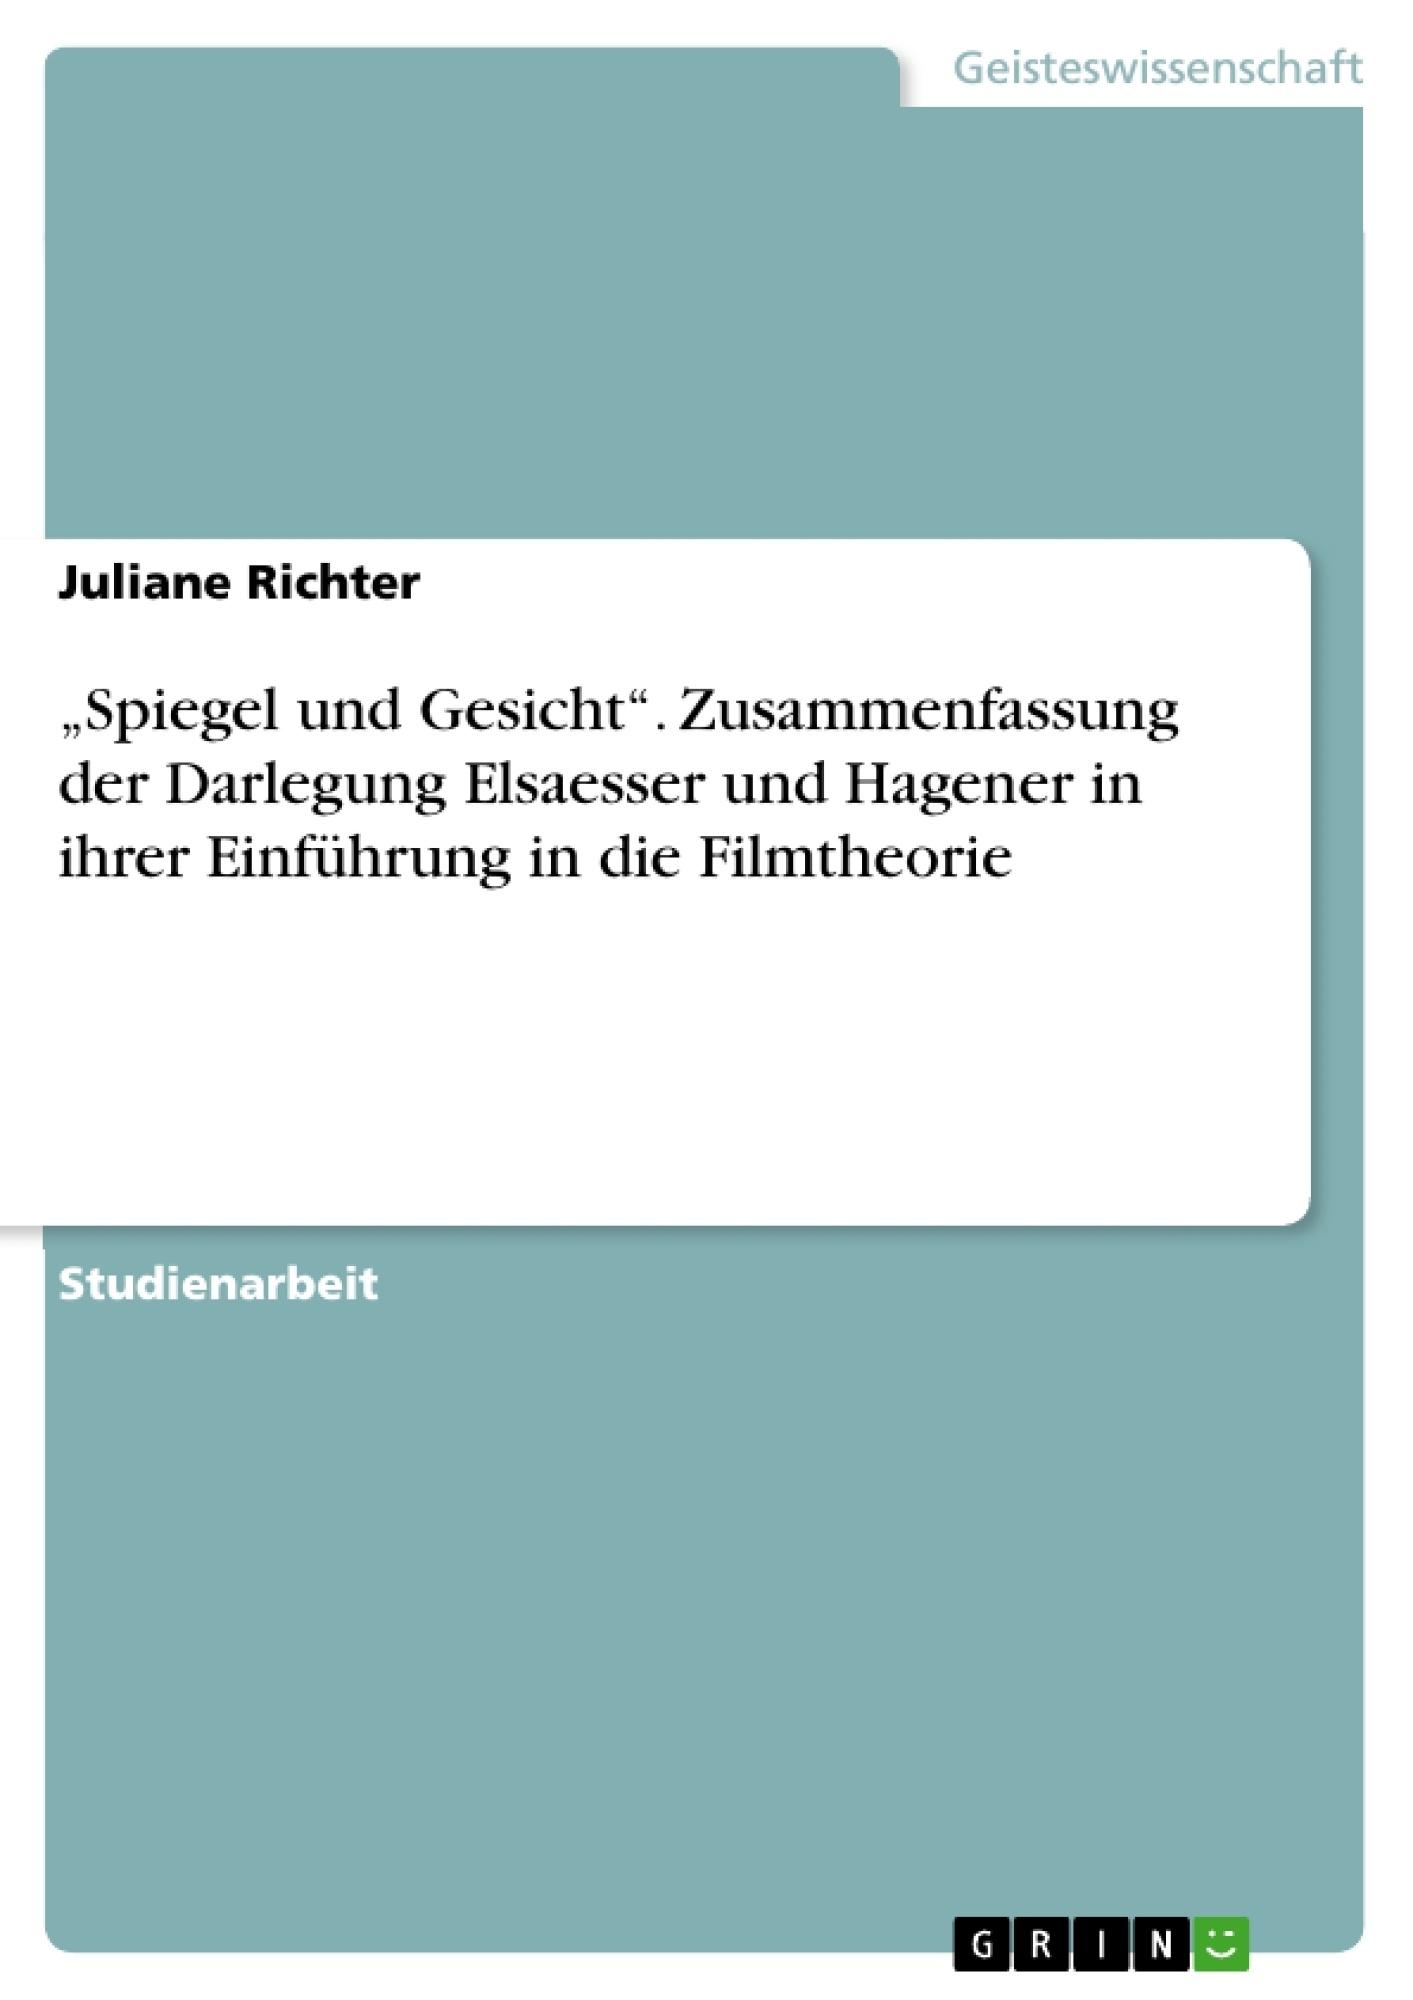 """Titel: """"Spiegel und Gesicht"""". Zusammenfassung der Darlegung Elsaesser und Hagener in ihrer Einführung in die Filmtheorie"""